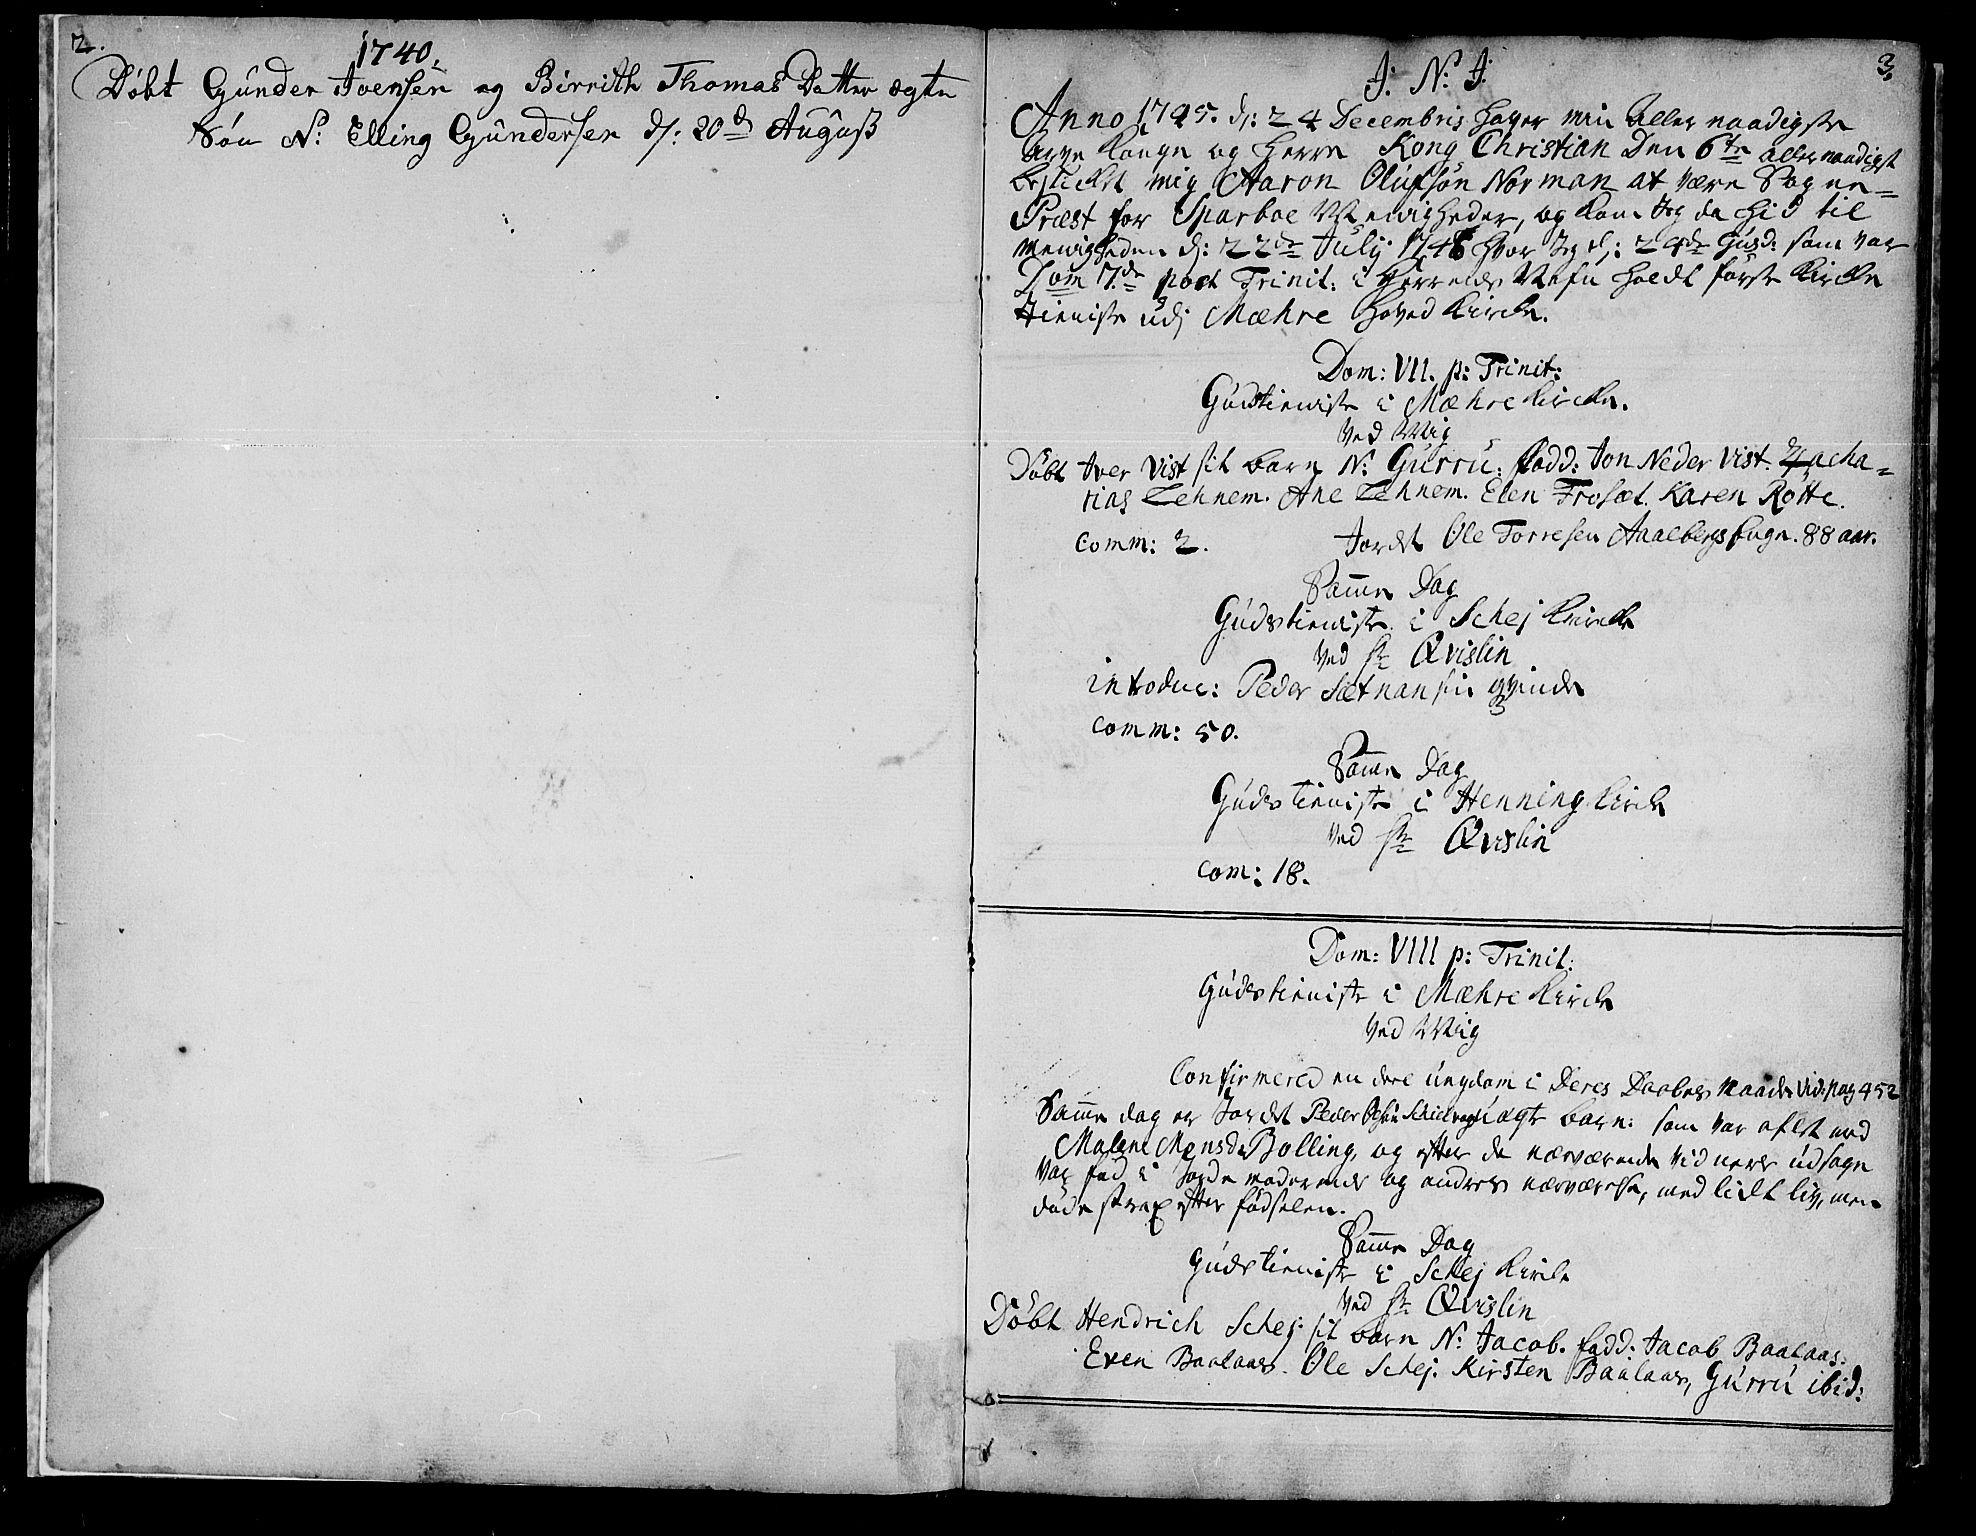 SAT, Ministerialprotokoller, klokkerbøker og fødselsregistre - Nord-Trøndelag, 735/L0330: Parish register (official) no. 735A01, 1740-1766, p. 2-3